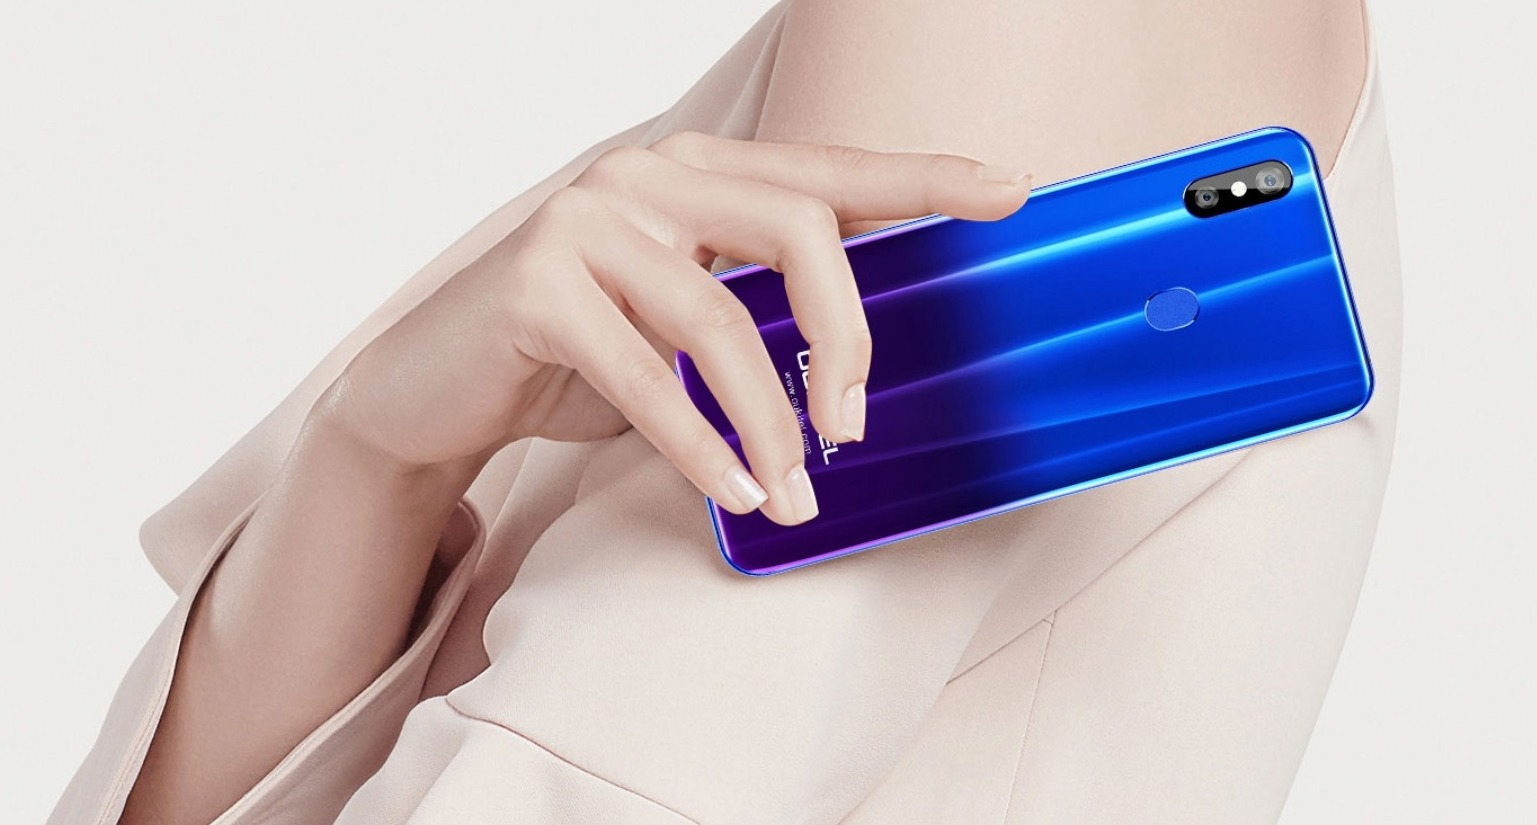 OUKITEL U23, il clone di Huawei P20 e Samsung Galaxy S9 costa solo 186 euro